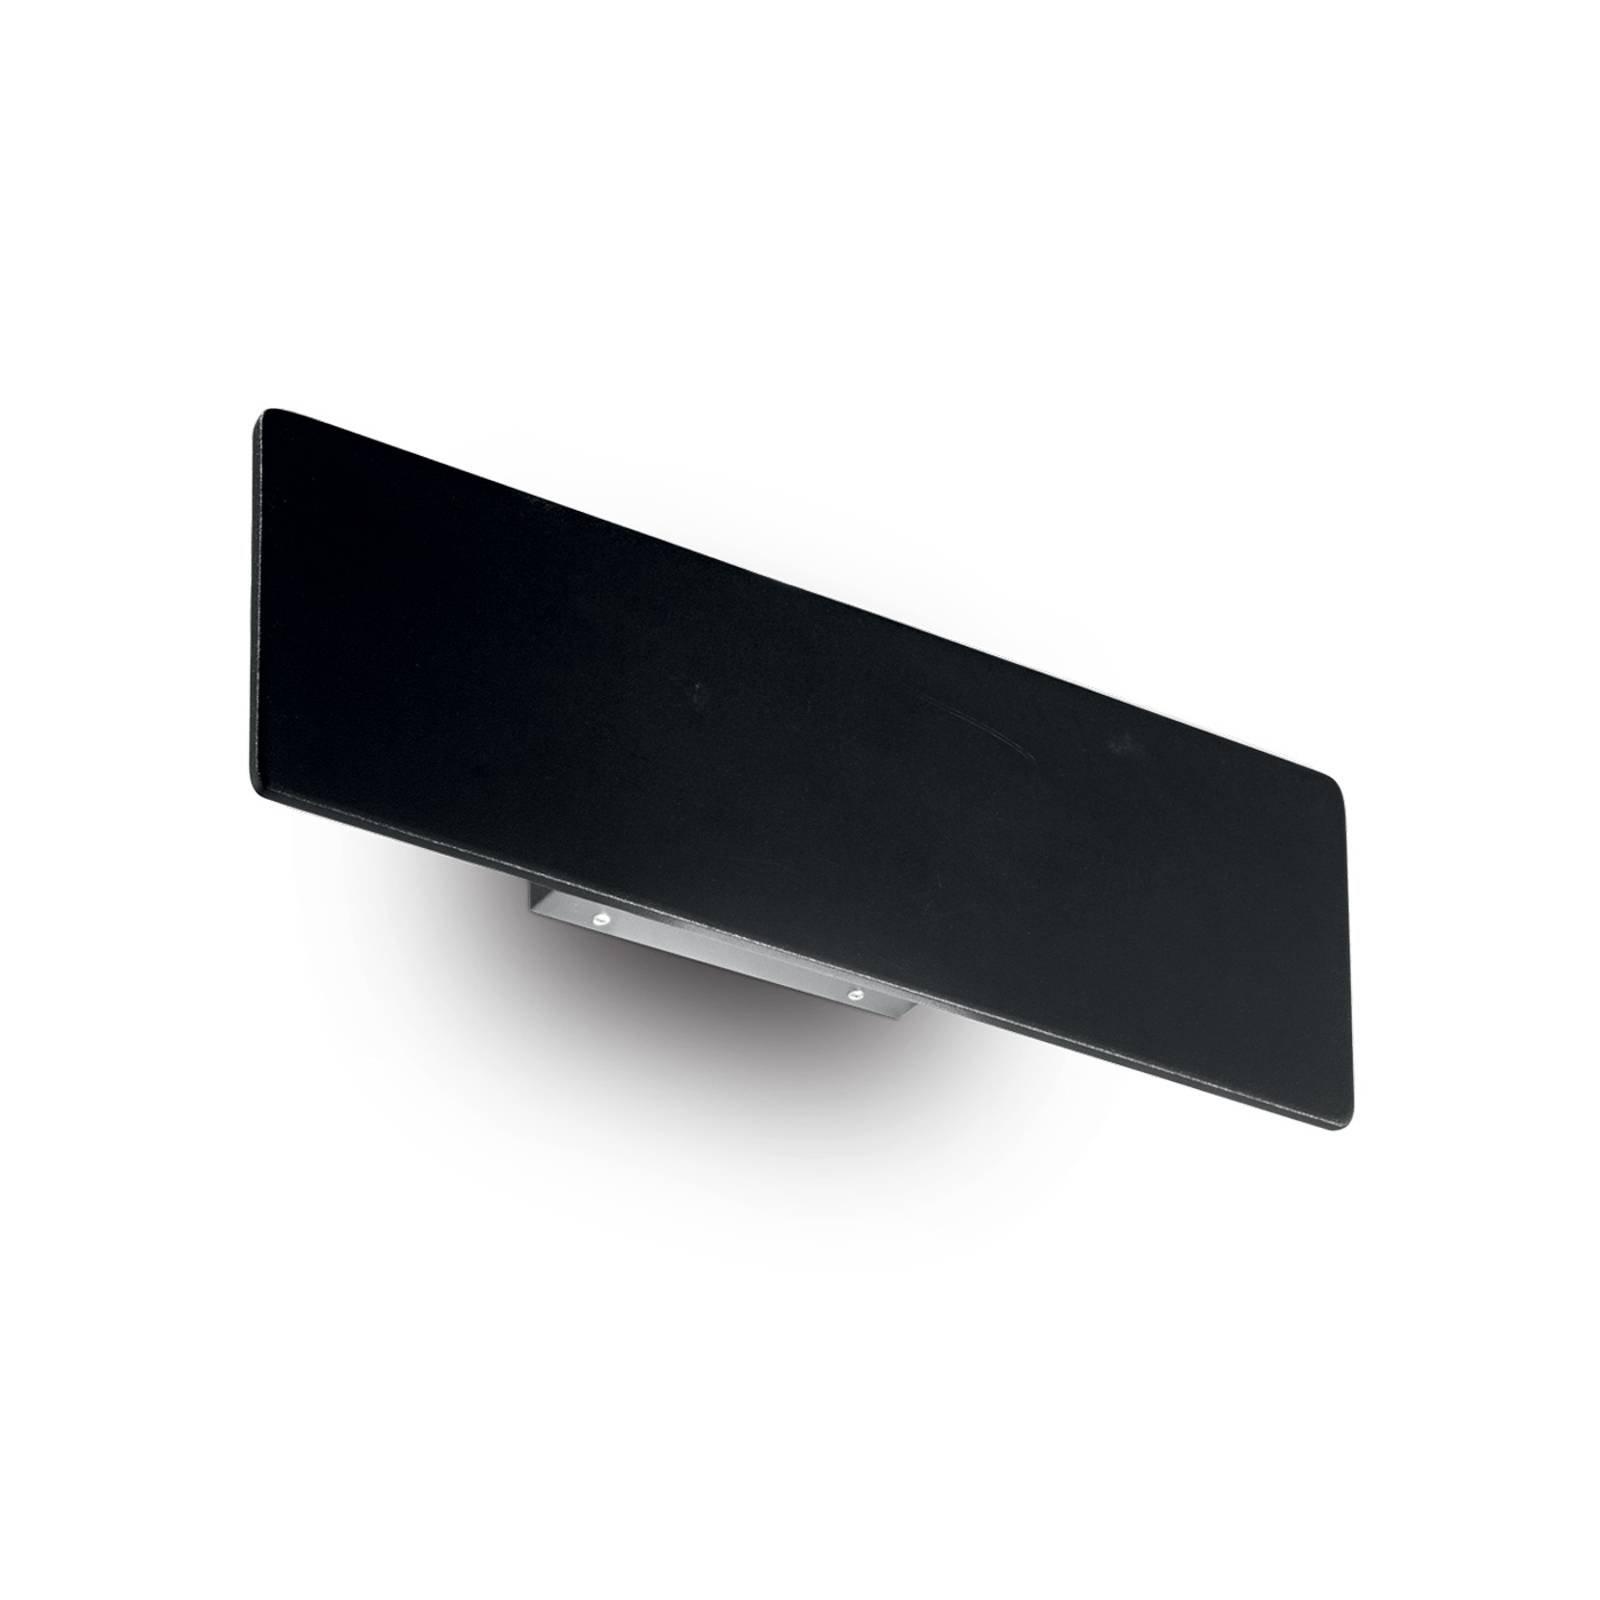 LED-vegglampe Zig Zag svart, bredde 29 cm